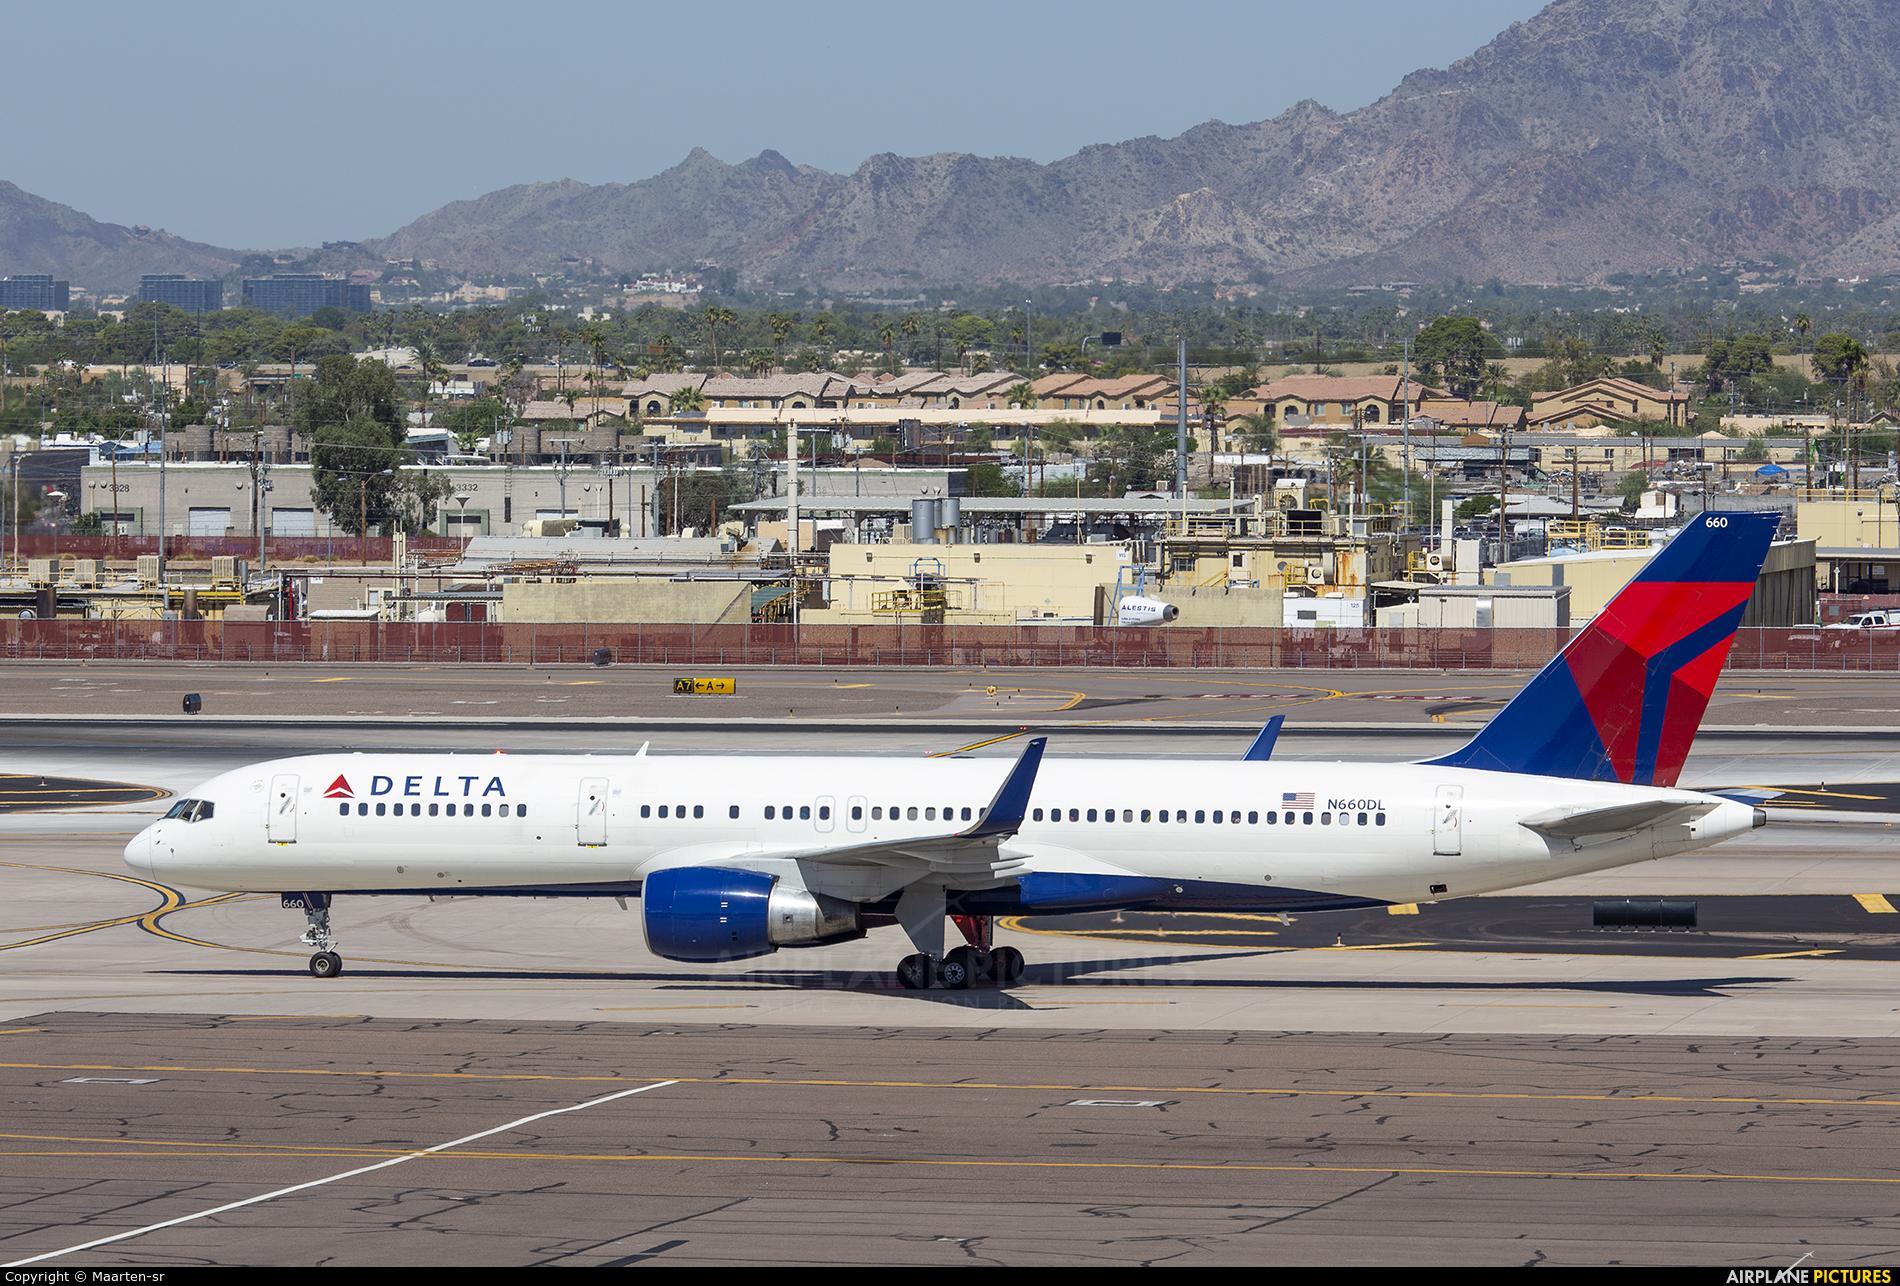 Delta Air Lines N660DL aircraft at Phoenix - Sky Harbor Intl